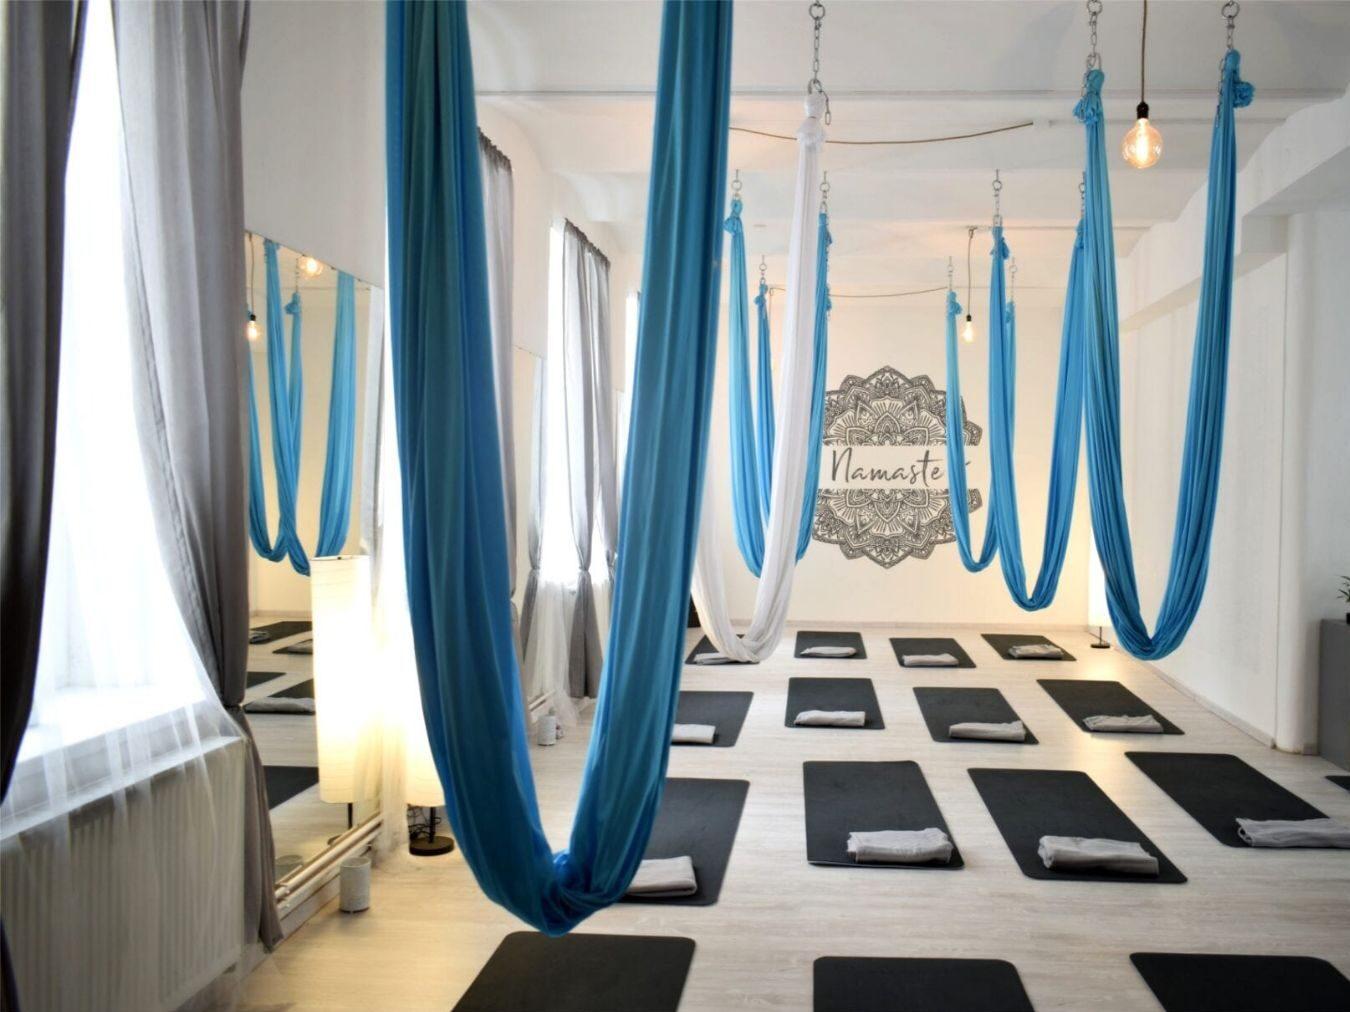 jóga Liberec a Turnov, studio v Liberci, kde visí sítě dolů a na zemi jsou připravené podložky pro následující lekci, jóga Liberec a Turnov